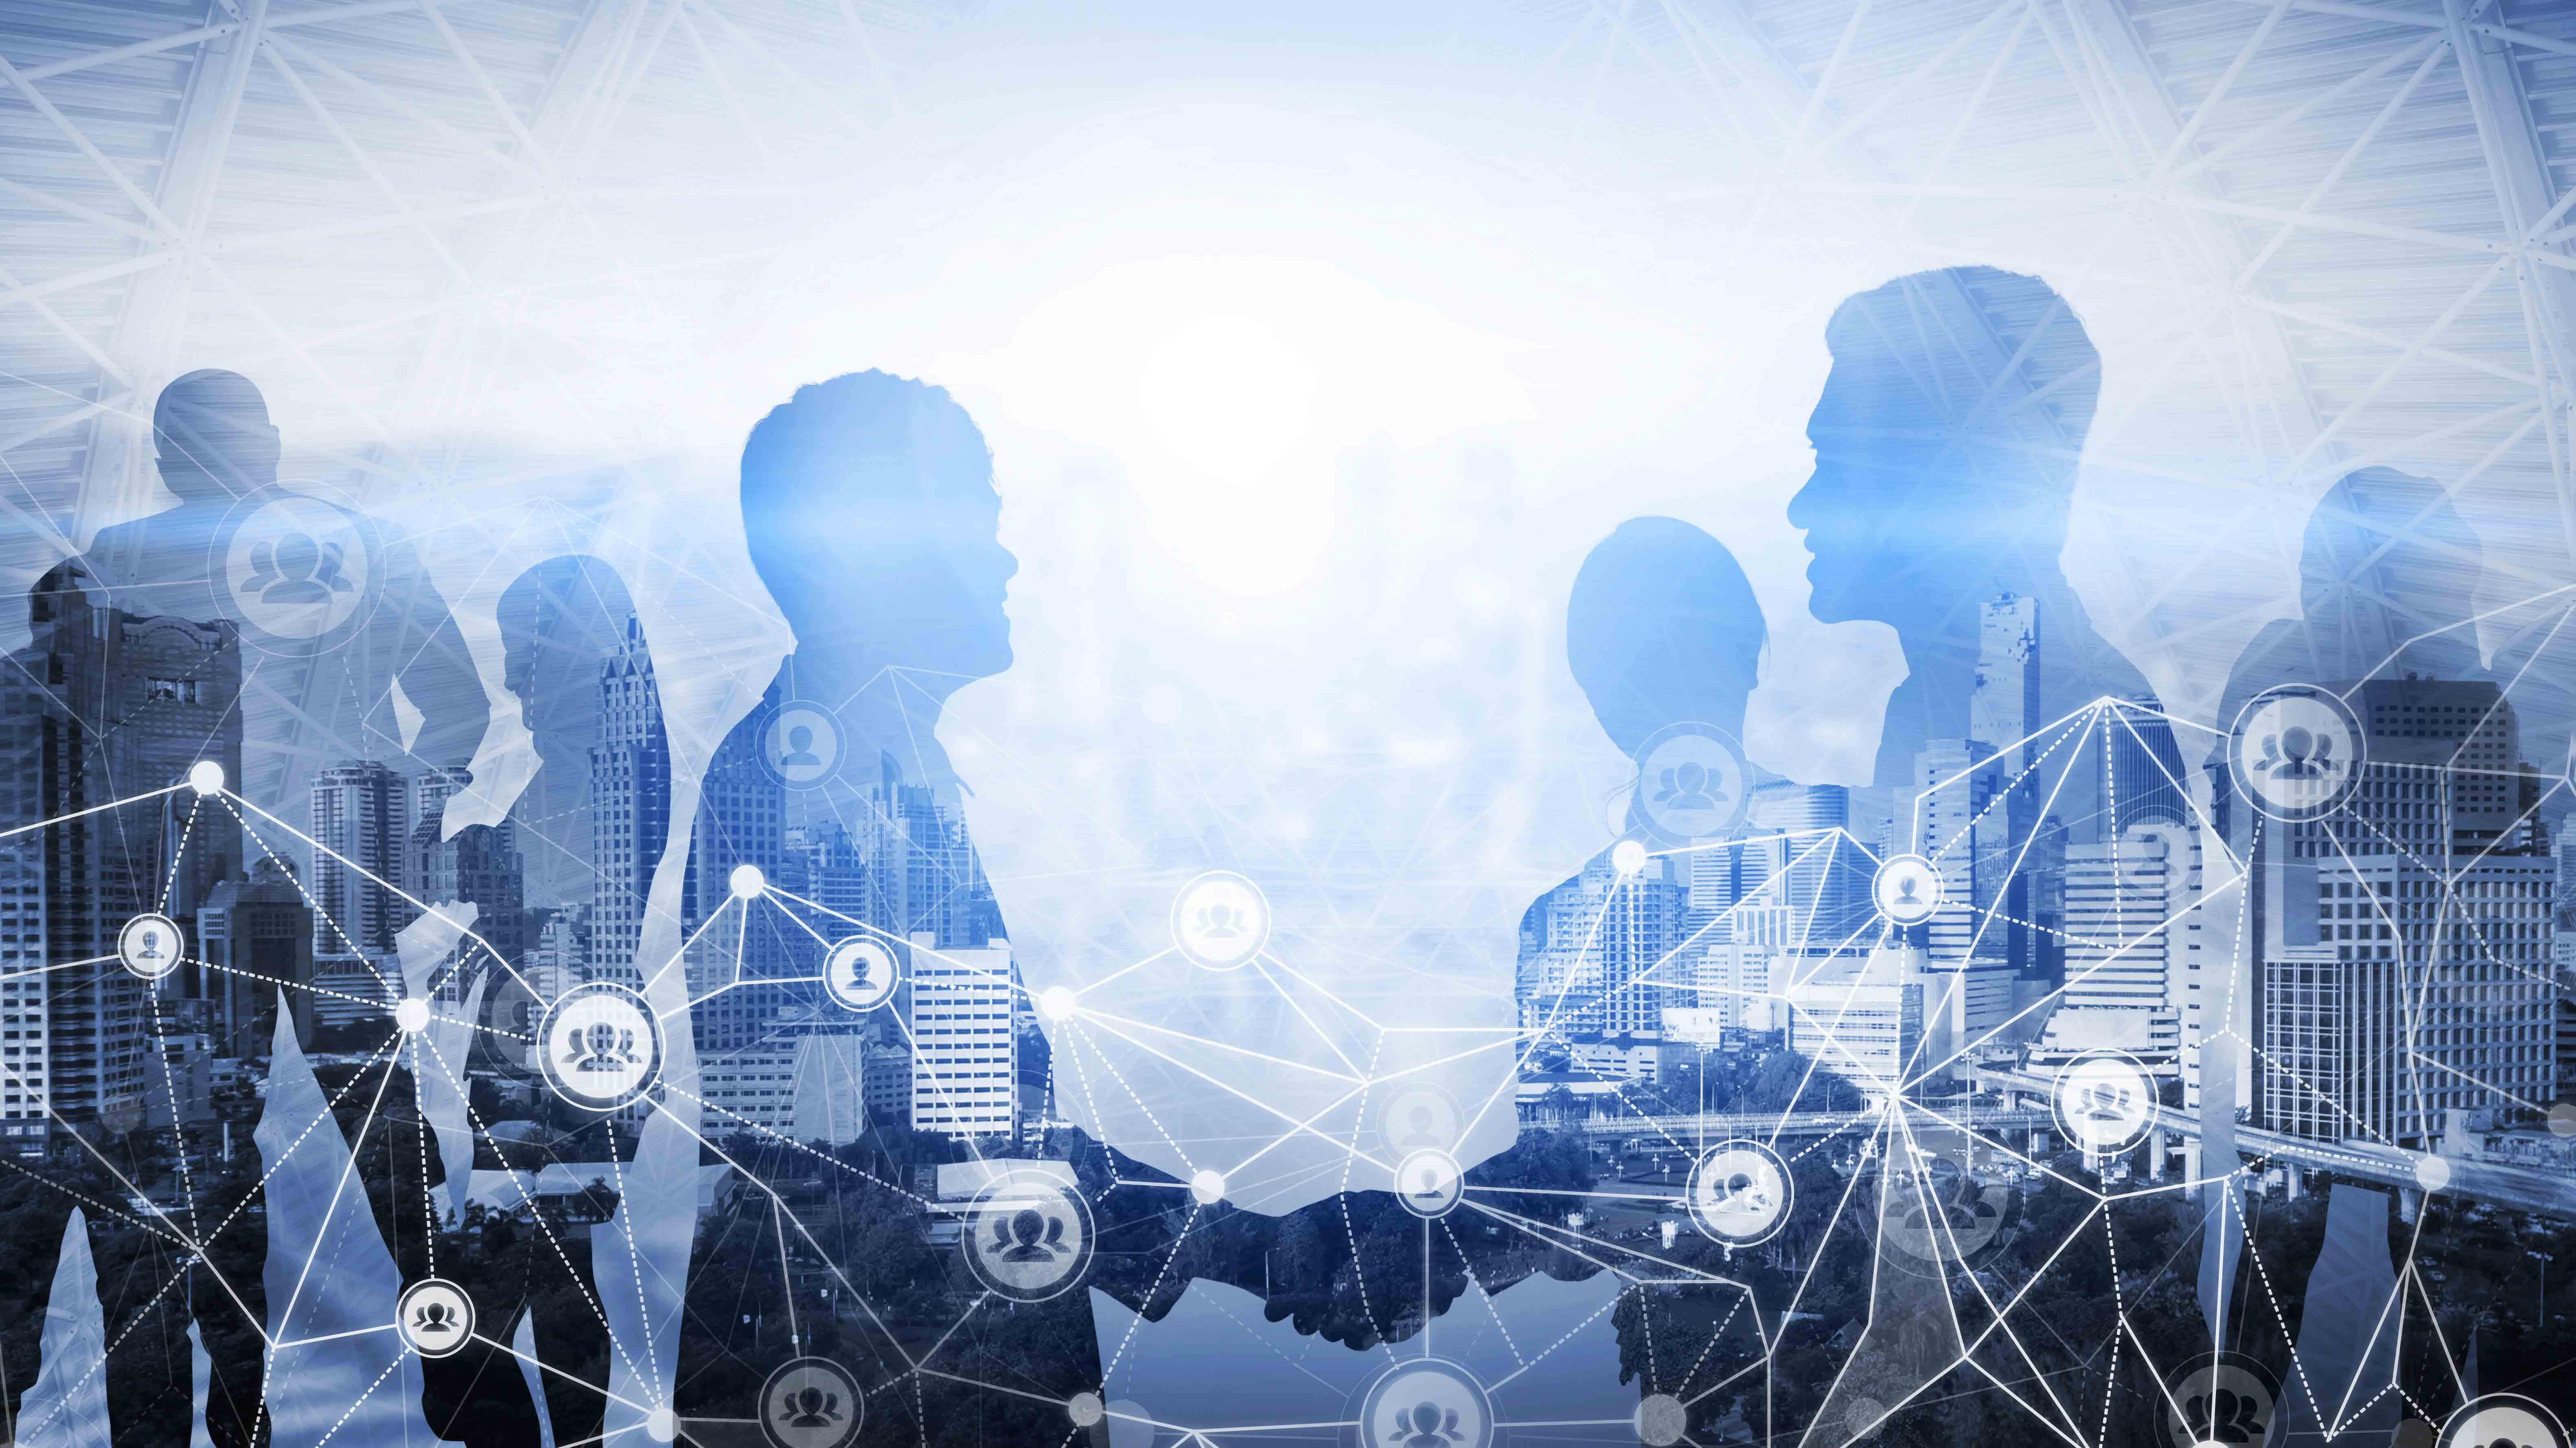 <p>¿Cómo transformar con éxito las habilidades de los trabajadores?</p>